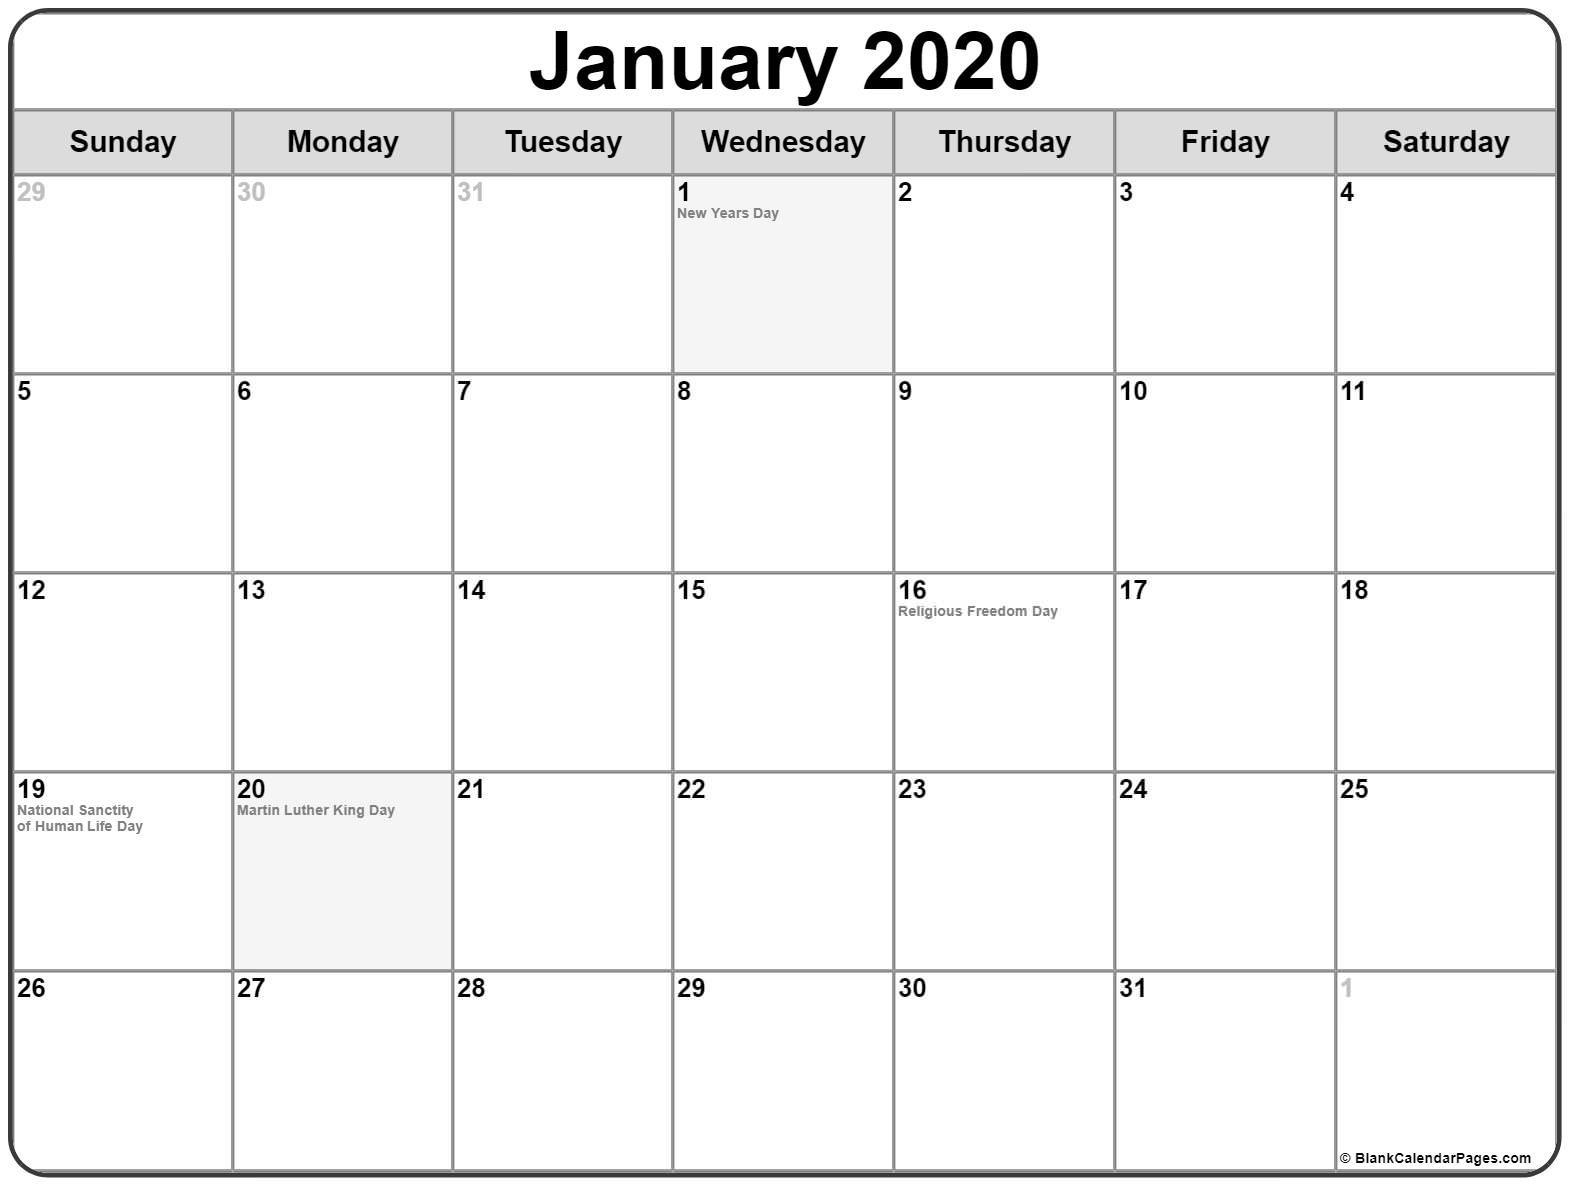 Impressive 2020 Calendar With Holidays Usa • Printable Blank-January 2020 Calendar With Holidays Usa